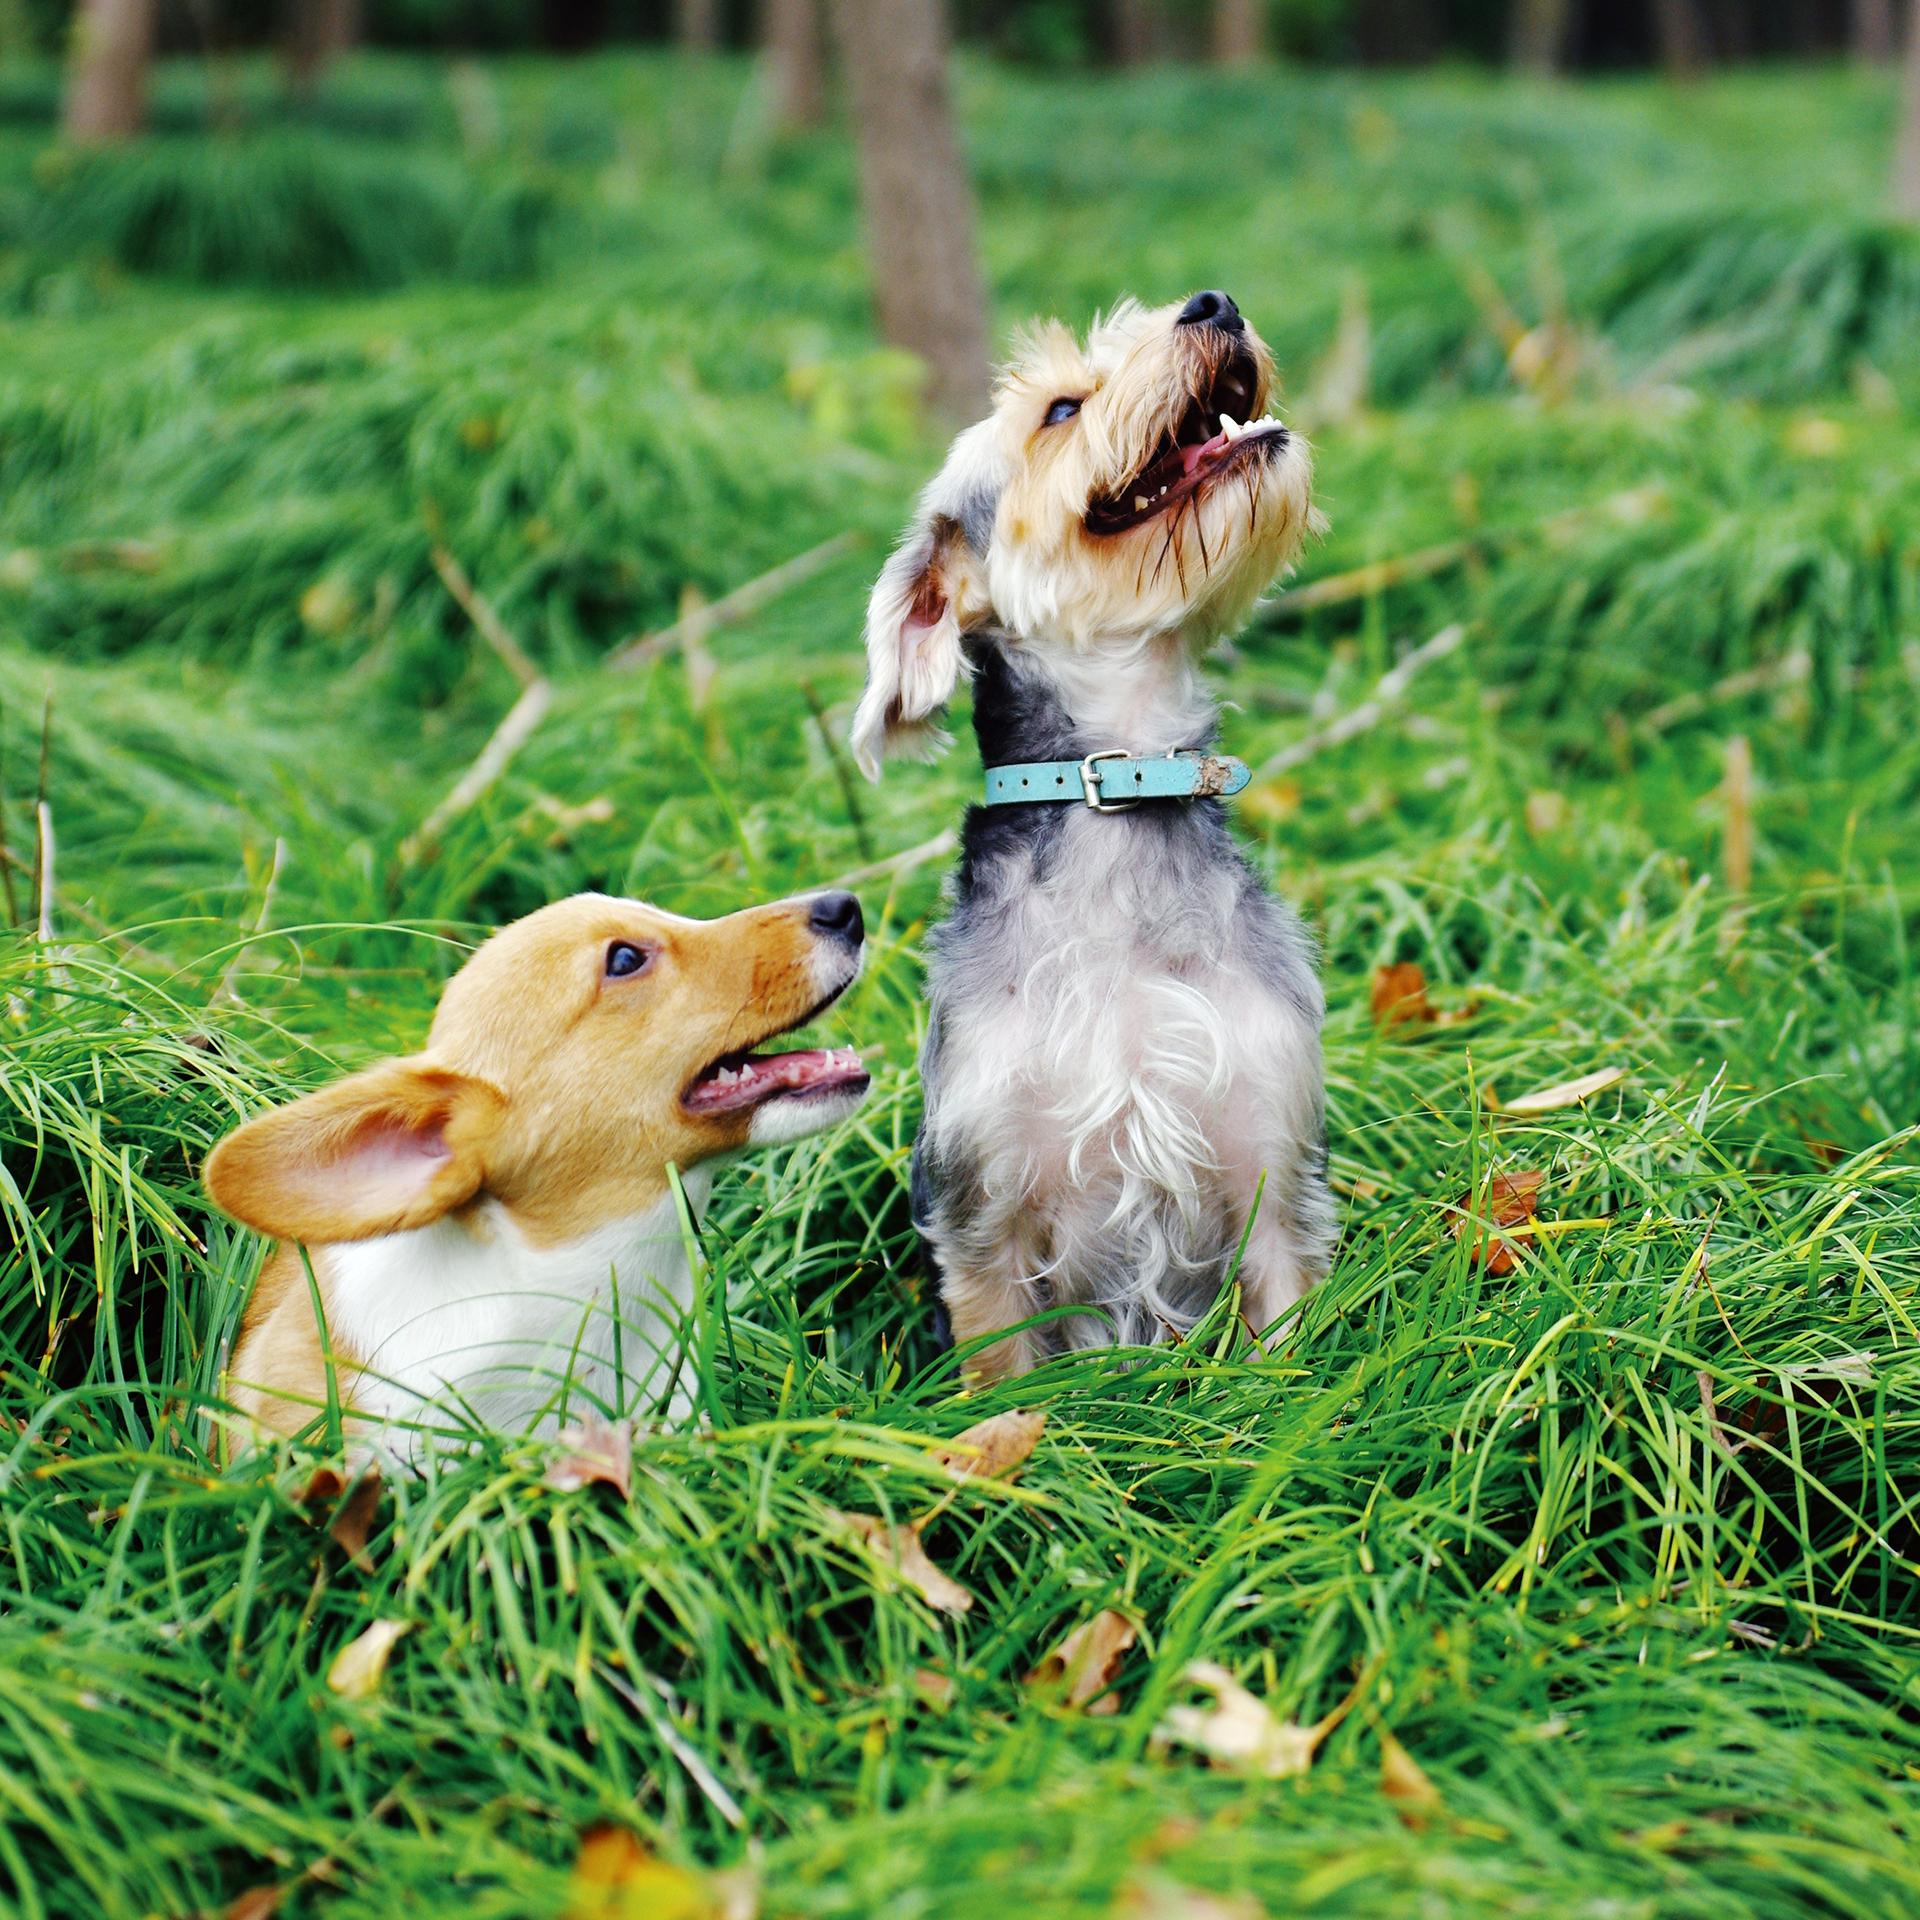 Diese zwei Racker haben keine Angst vor Zecken – dank der Borreliose-Impfung für Hunde